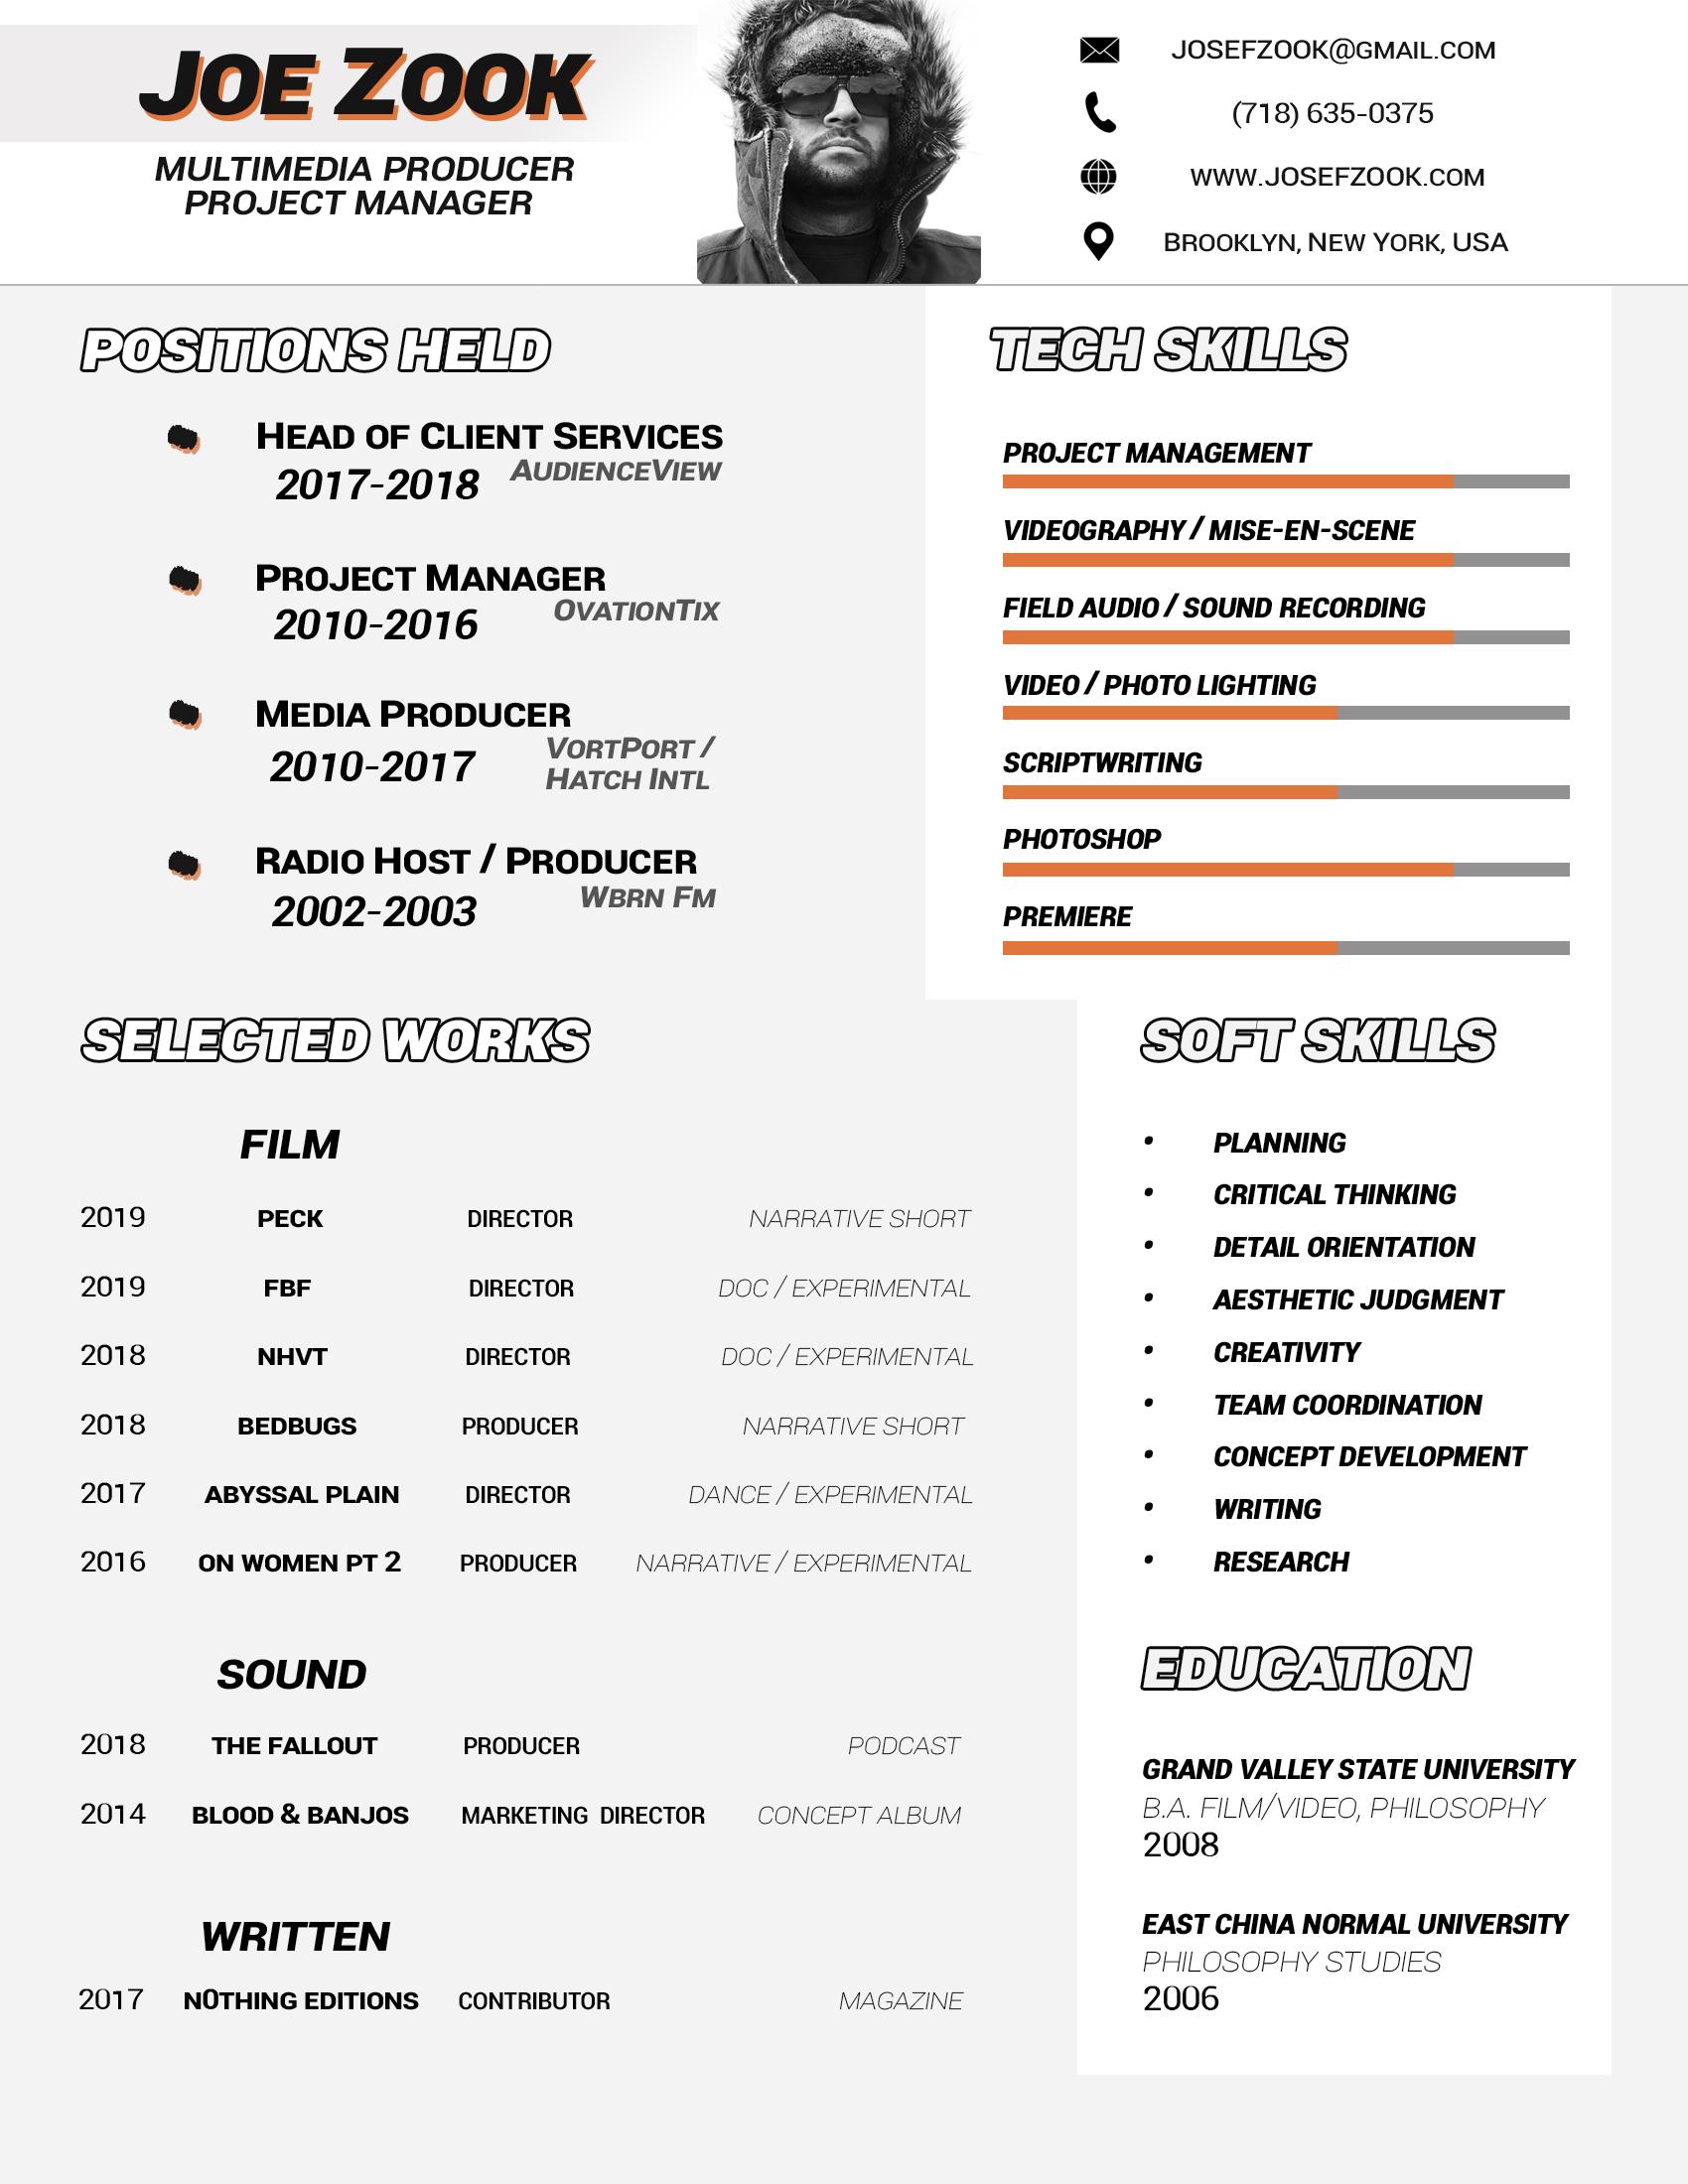 JoeZook_Resume2019_05.jpg